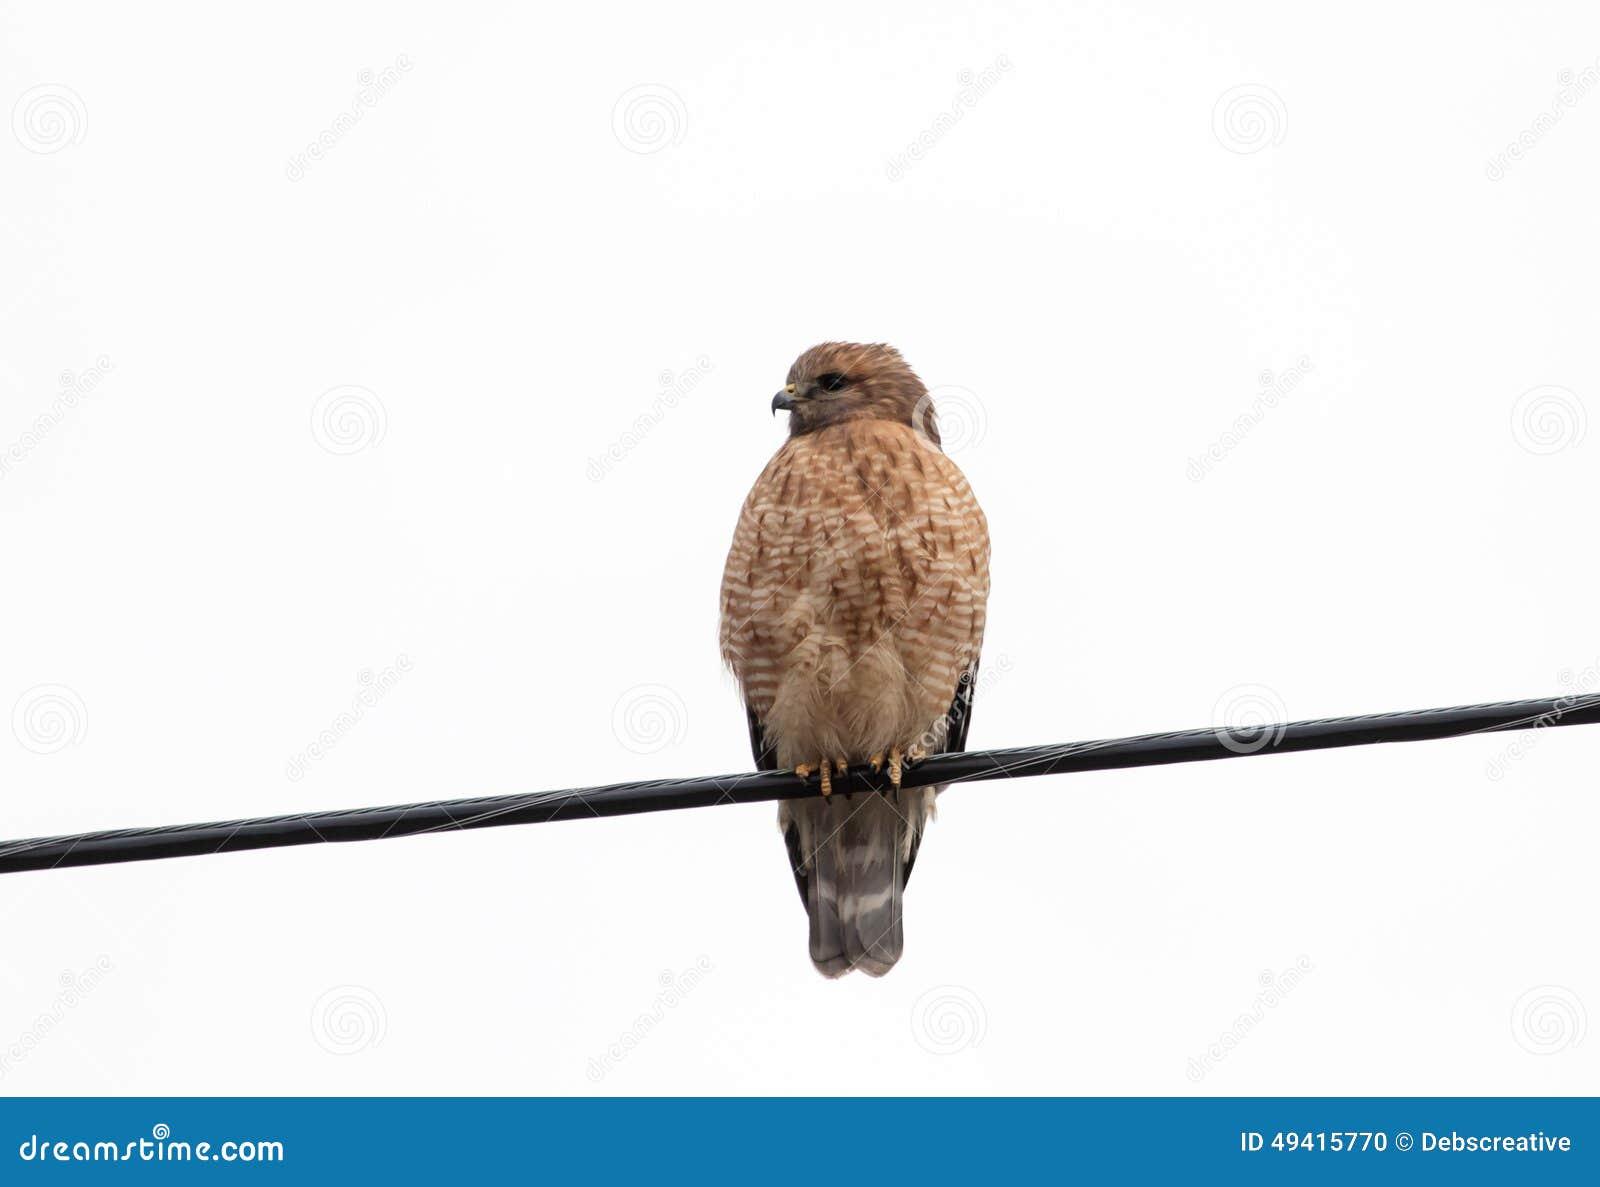 Download Roter geschulterter Falke stockfoto. Bild von groß, schön - 49415770